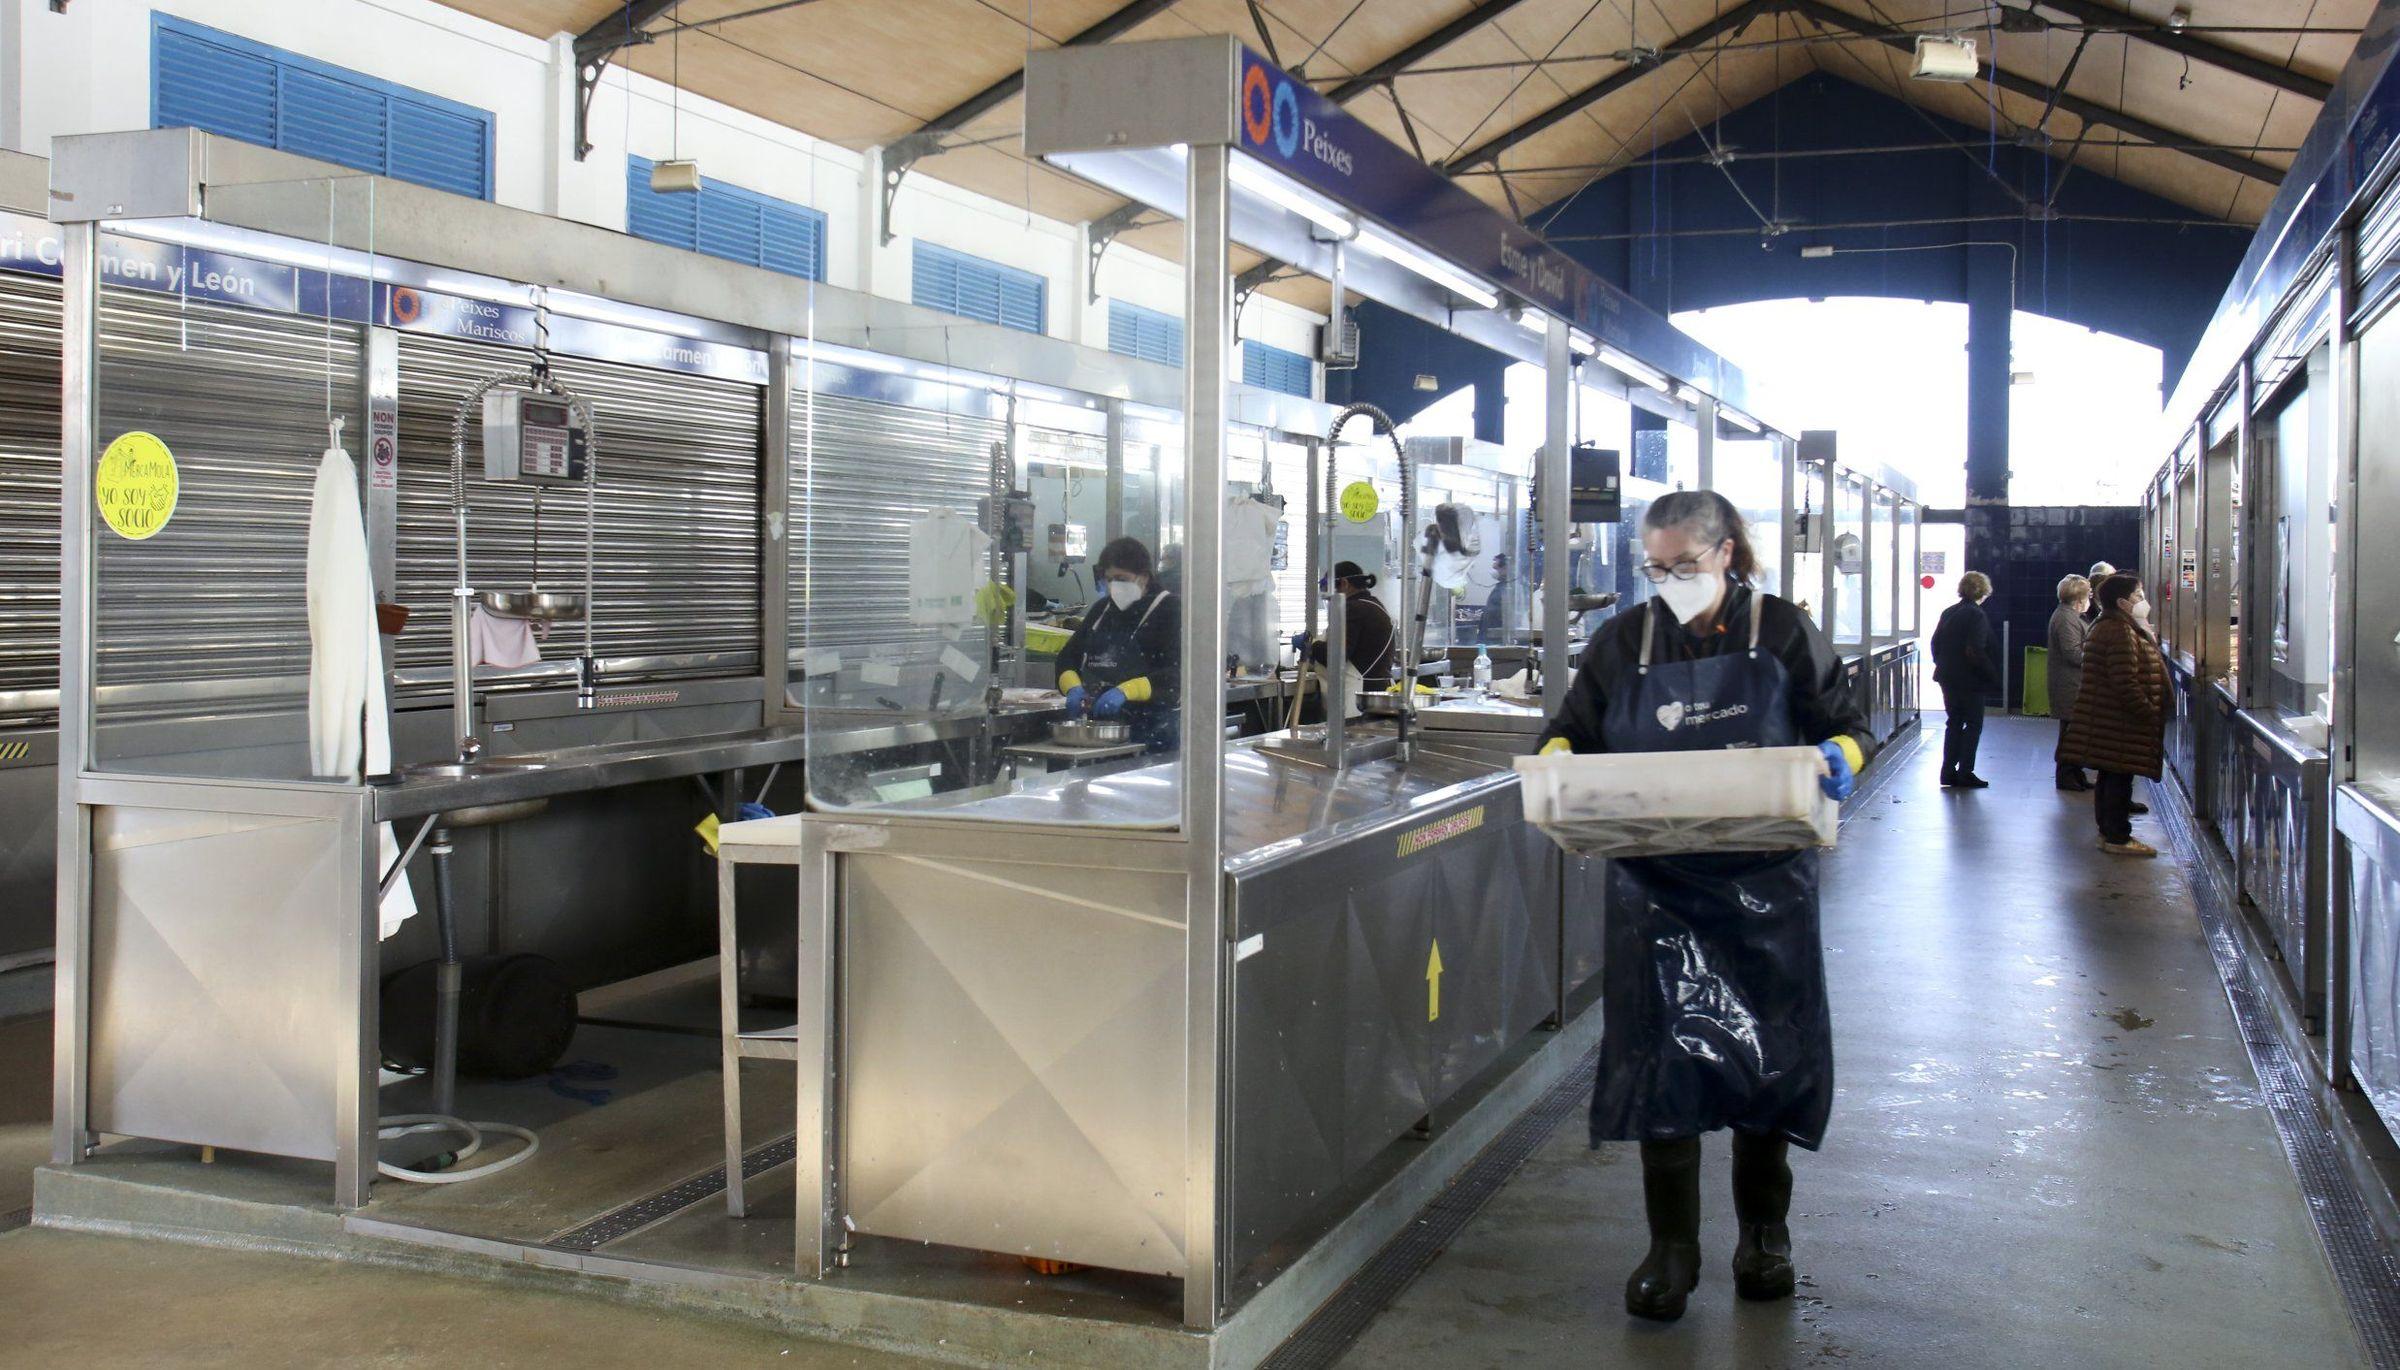 Pasillos vacías y muchas persianas bajadas este jueves en el Mercado da Magdalena